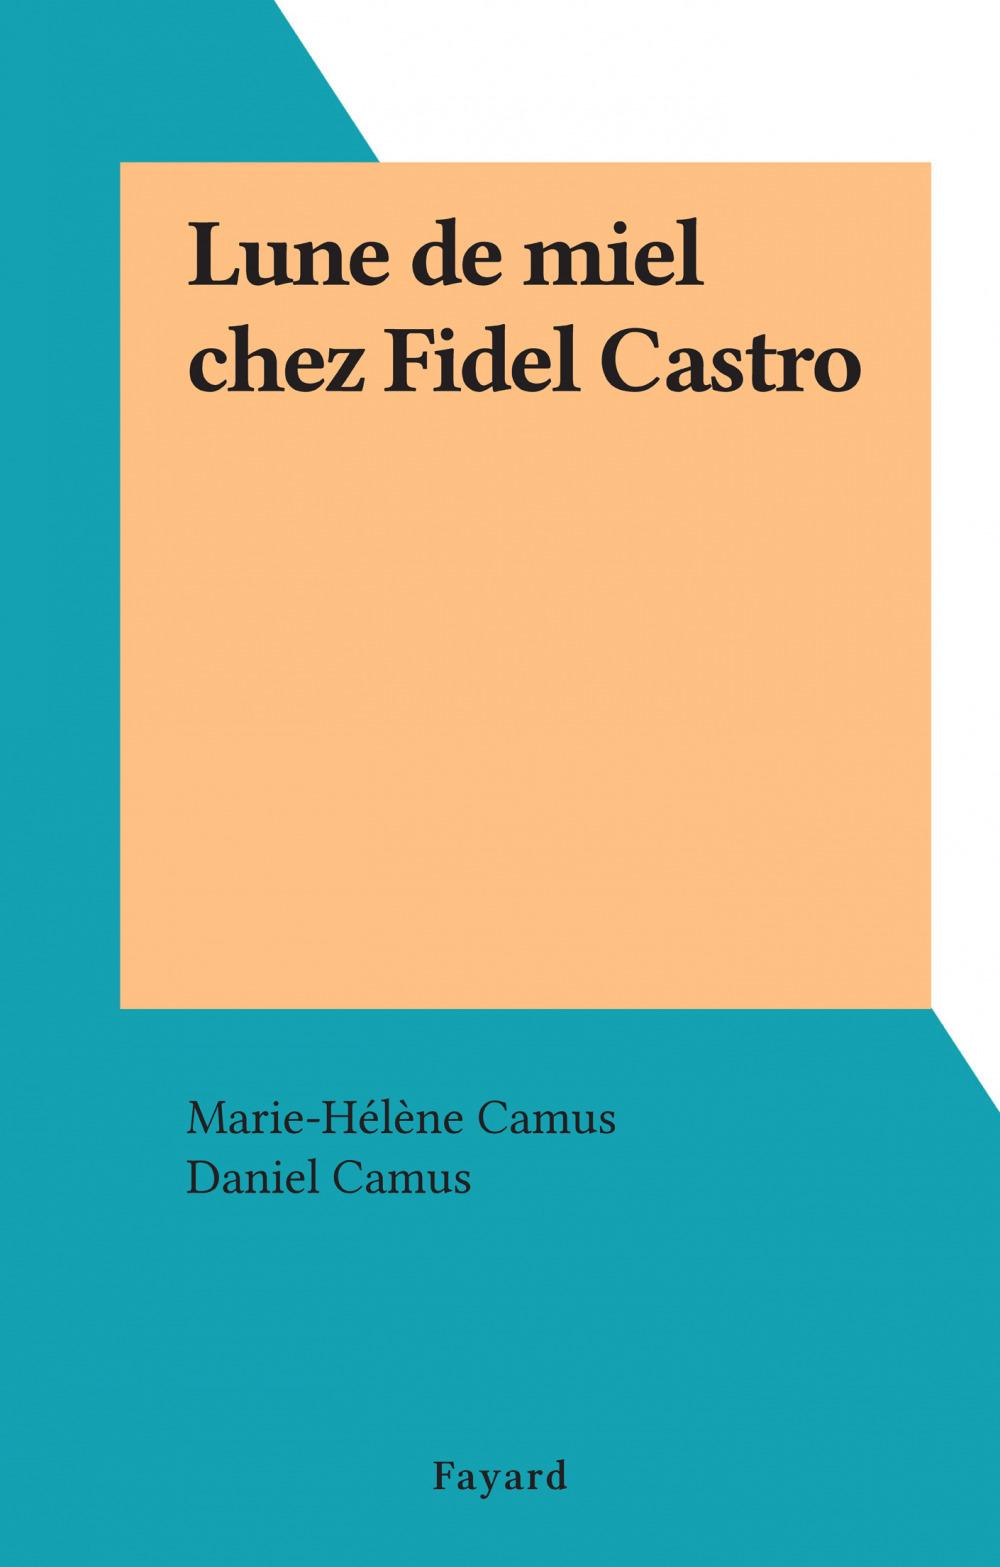 Lune de miel chez Fidel Castro  - Marie-Hélène Camus